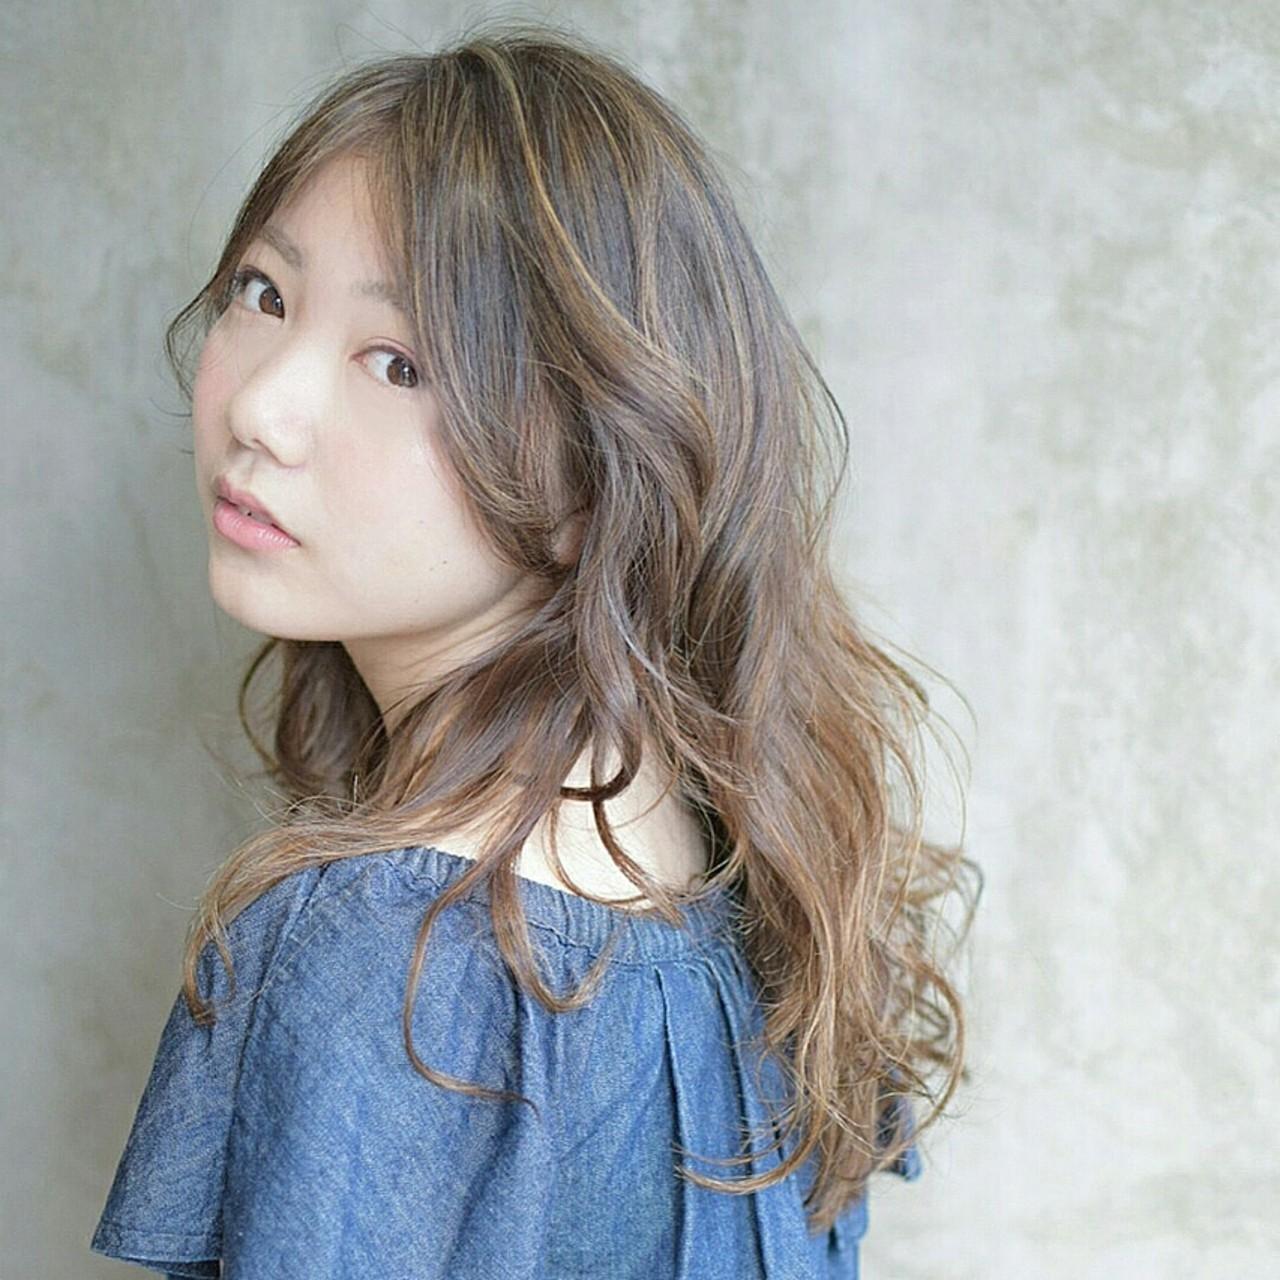 ウェーブ くせ毛風 アンニュイ ナチュラル ヘアスタイルや髪型の写真・画像 | 鈴木晶子 / arc ginza